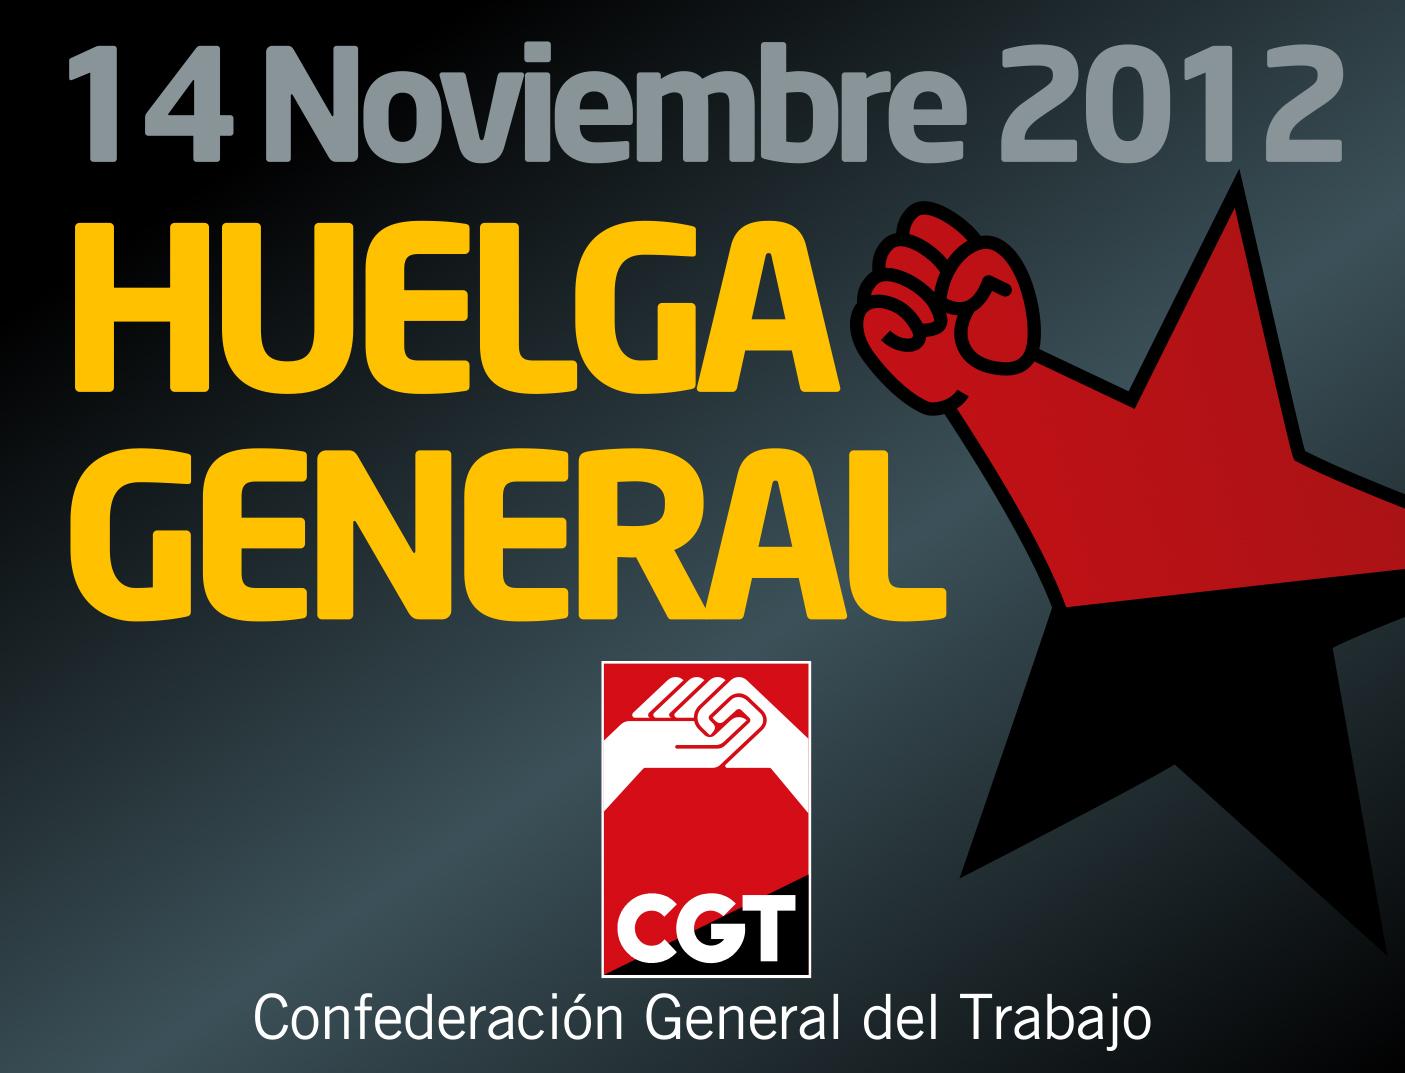 Huelga General 14 Noviembre 2012